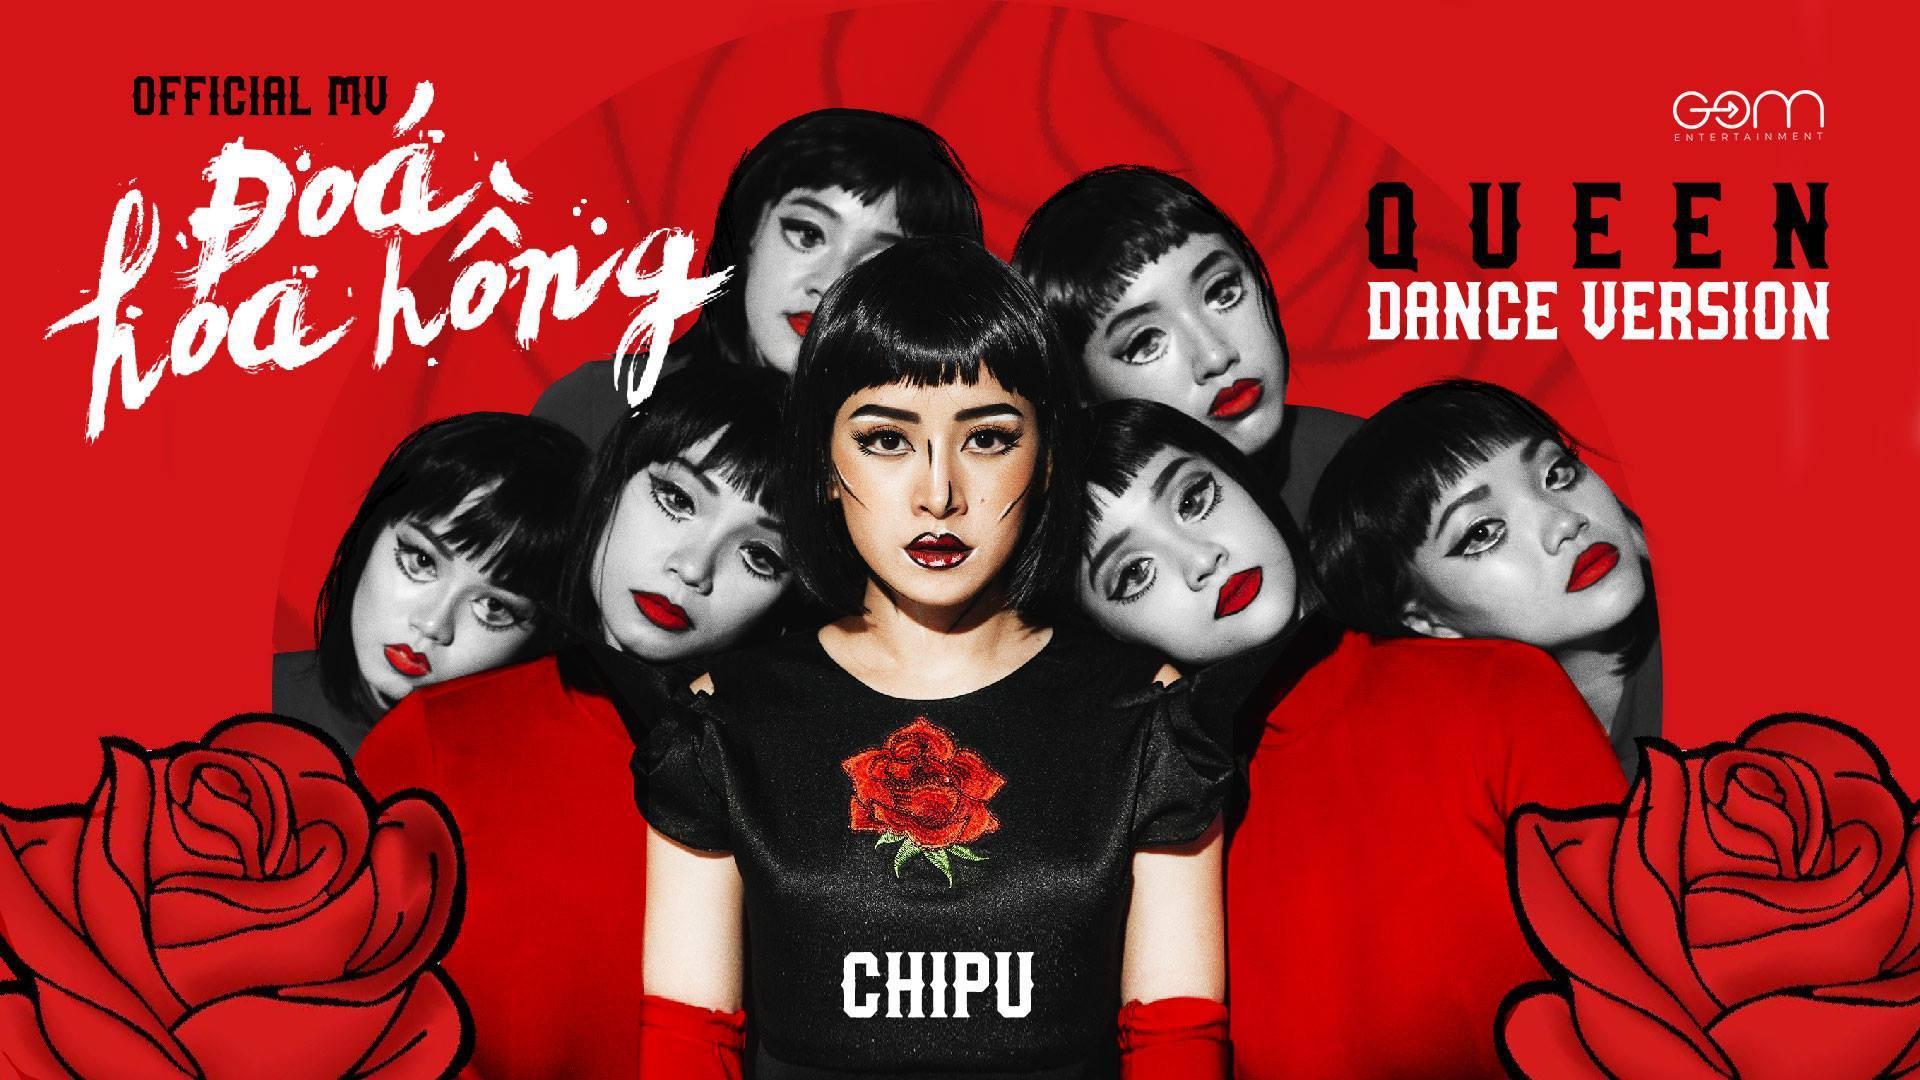 Chi Pu tung MV Dance lạ mắt với vũ đạo độc đáo, thực hiện 2 phiên bản cho sản phẩm trở lại - Ảnh 2.